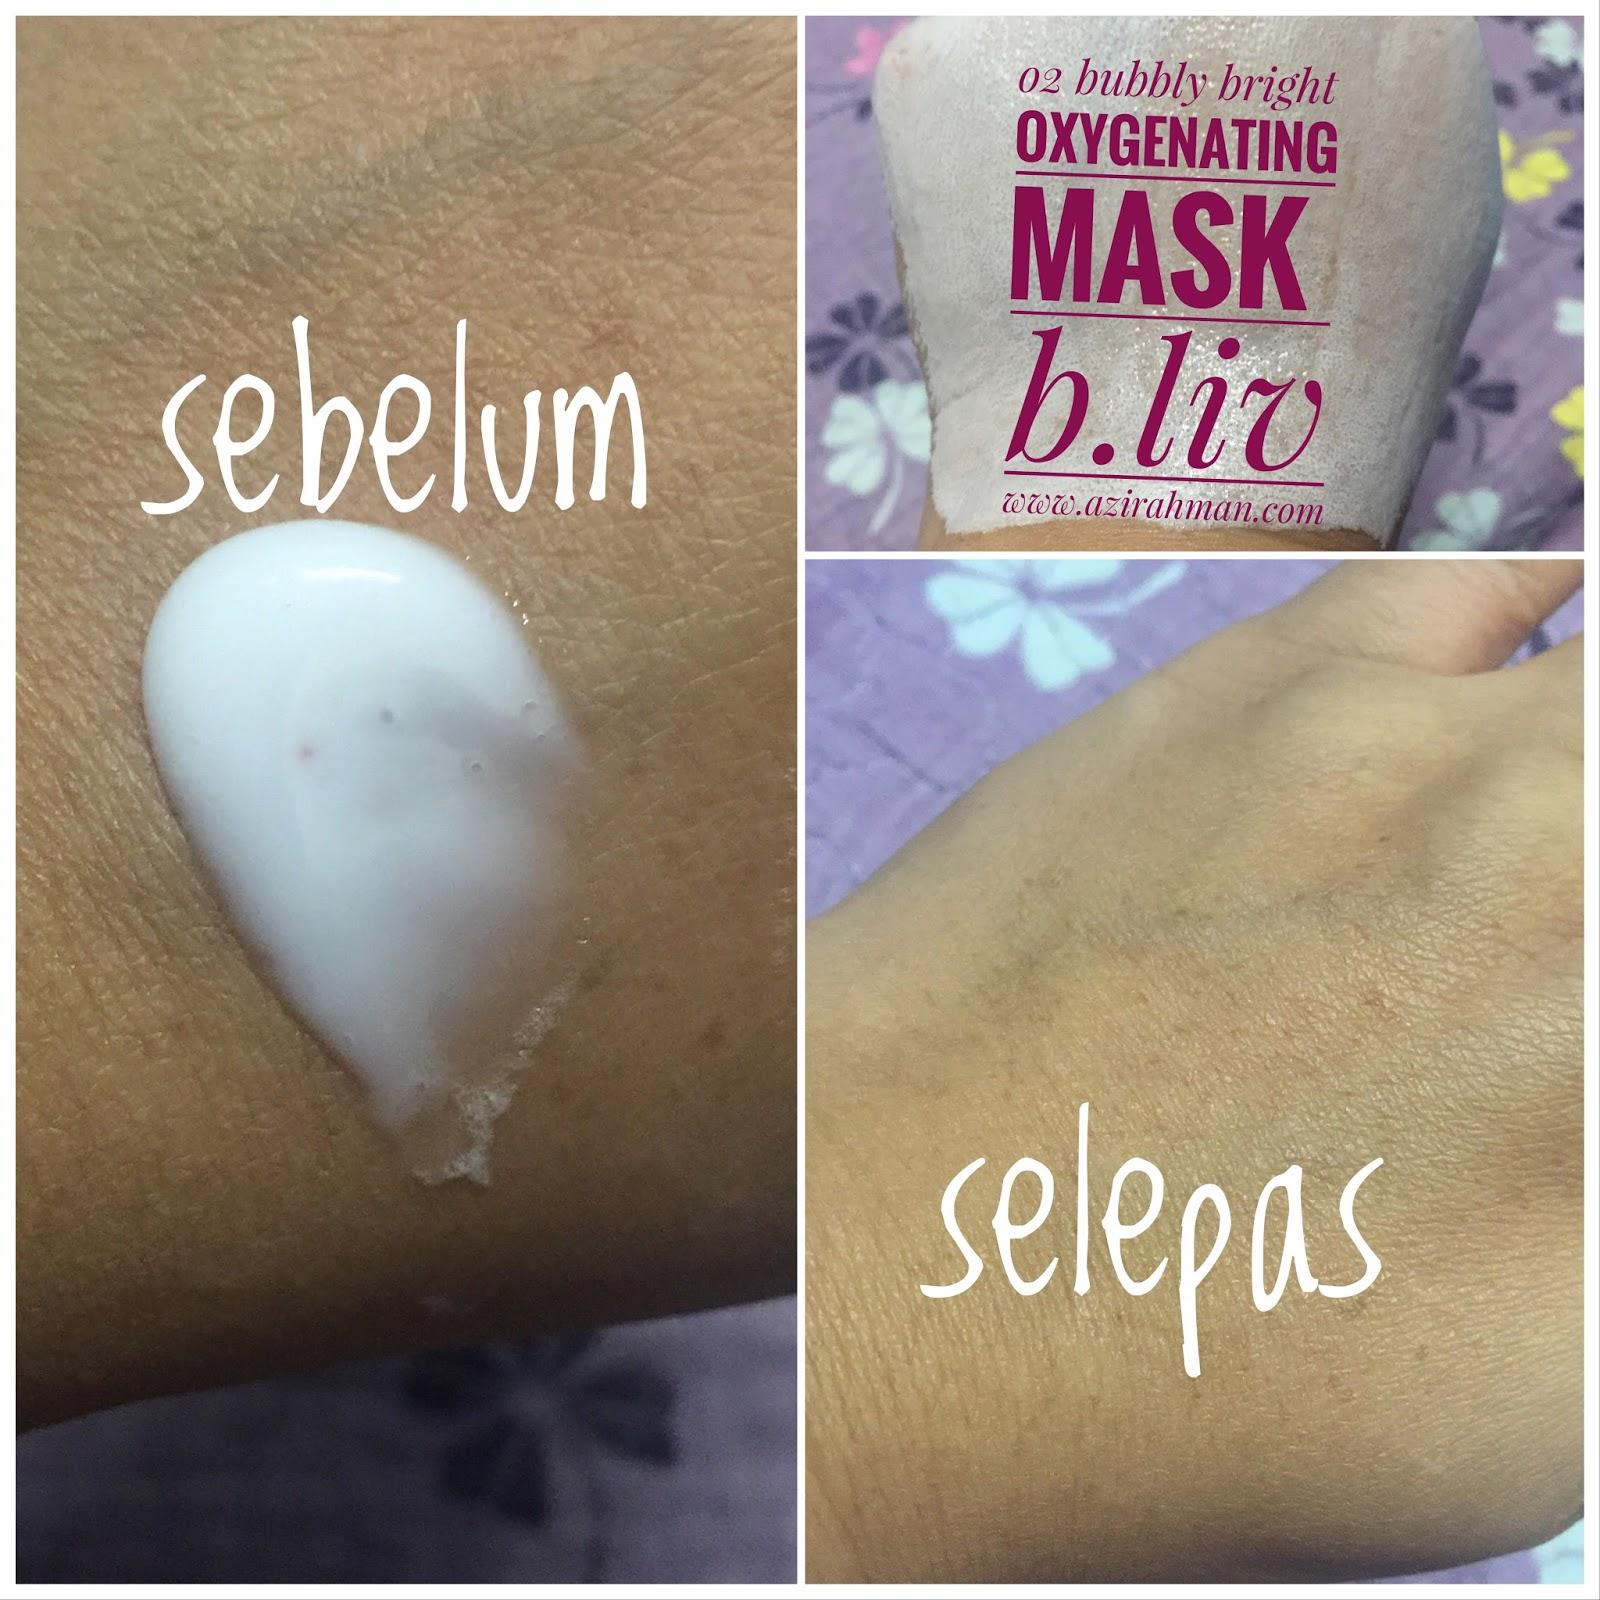 Kulit Muka Lembut, Bersih Dan Licin Dengan B.Liv, produk kecantikan, kulit muka bersih dan cantik, b.liv, produk pembersih muka